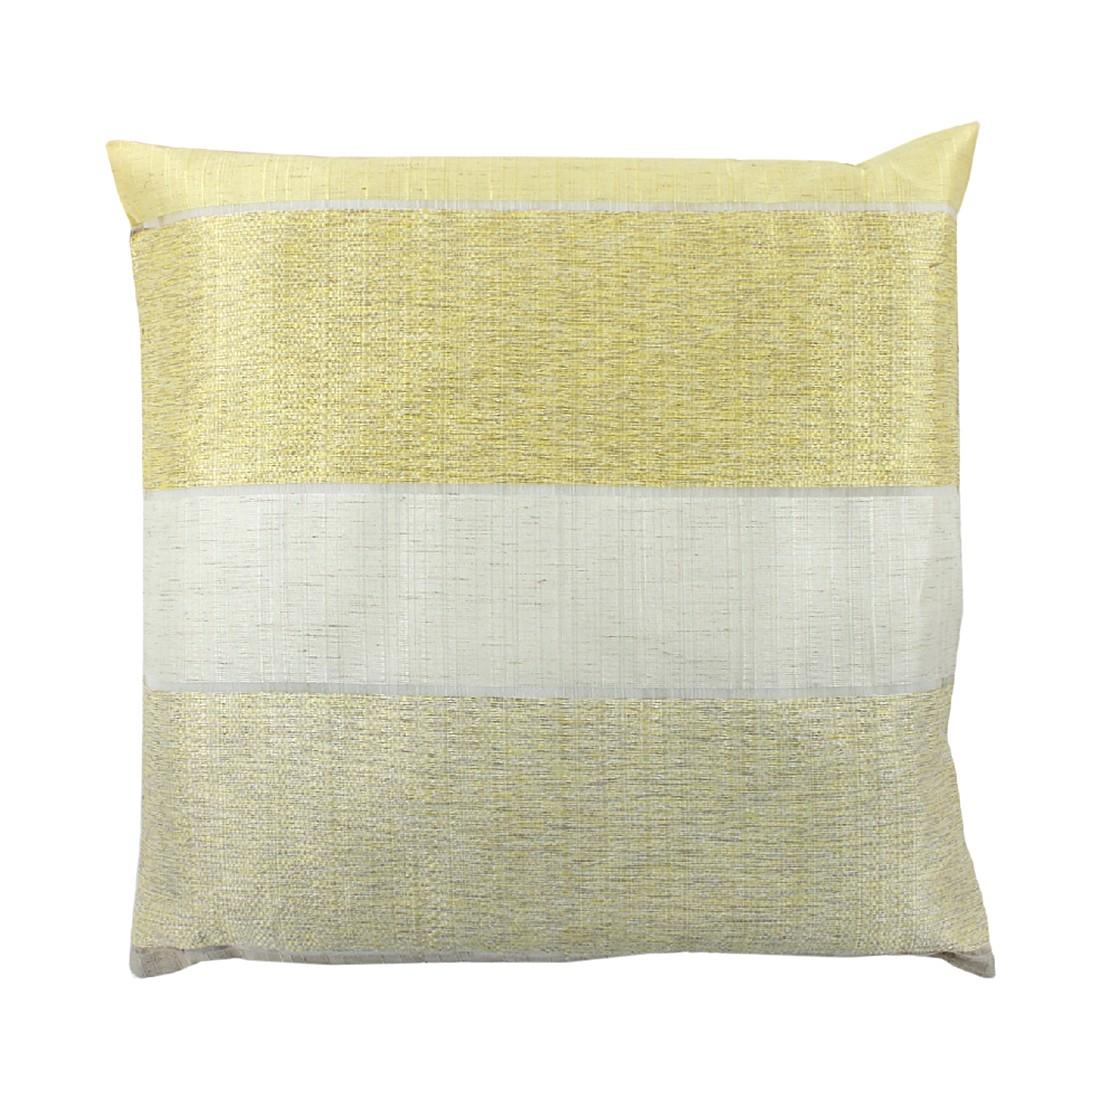 Kissenhülle Merdano – Gelb – 40 x 40 cm, Home Wohnideen online kaufen